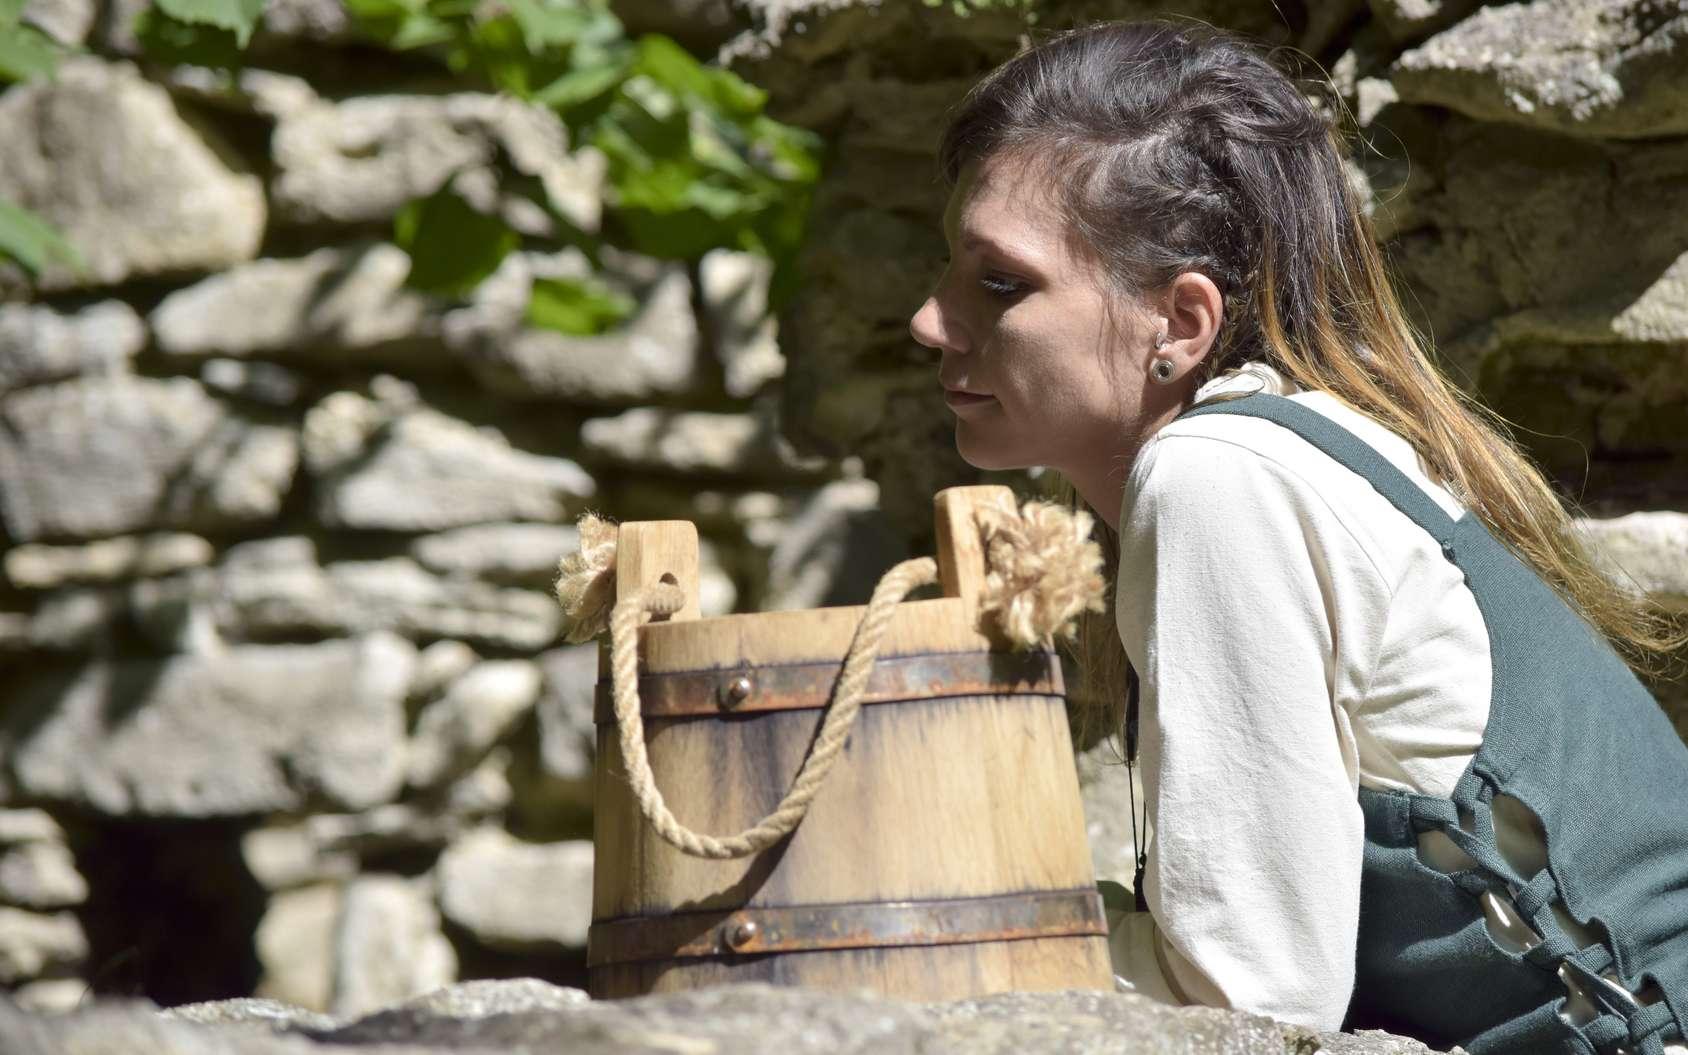 Au Moyen Âge, les jeunes filles restent auprès de leur famille et aident aux tâches ménagères et aux champs. © Sushi, fotola